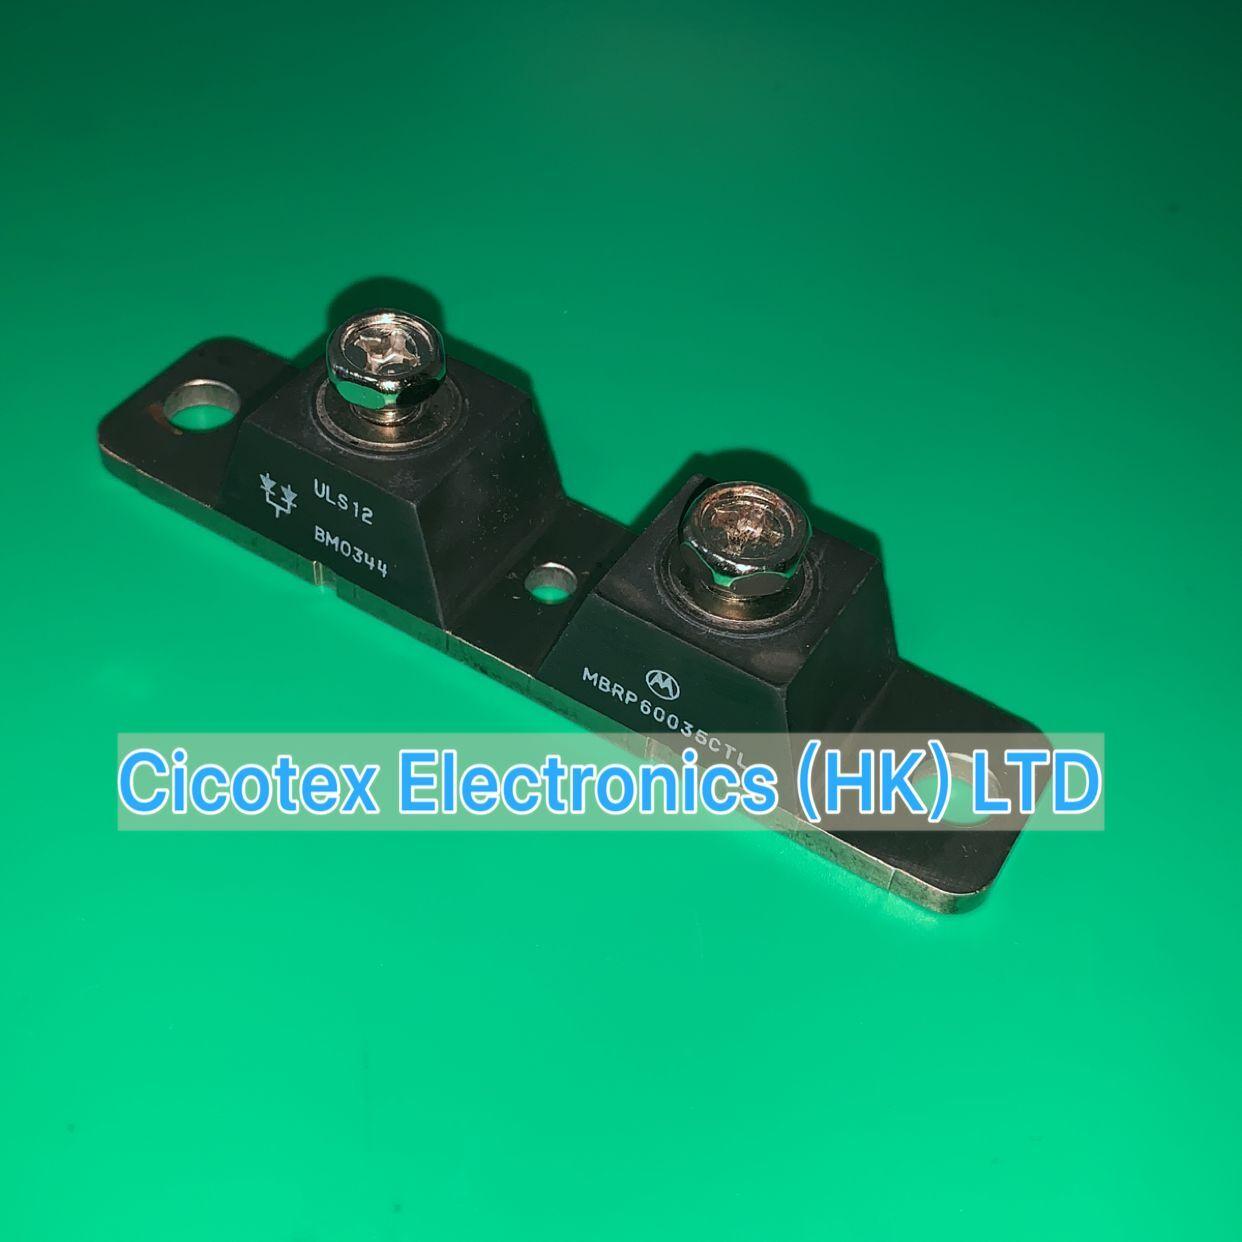 Mbrp60035ctl schottky powermod 600a 35v mbrp 60035 ctl módulo igbt MBRP60035-CTL m8rp60035ctl